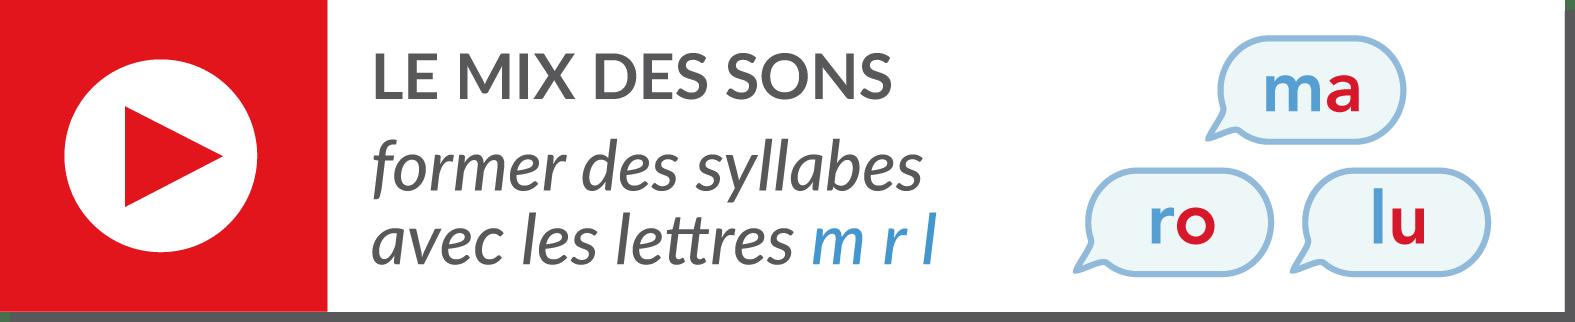 lecture de syllabes - vidéo syllabes - consonnes m r l